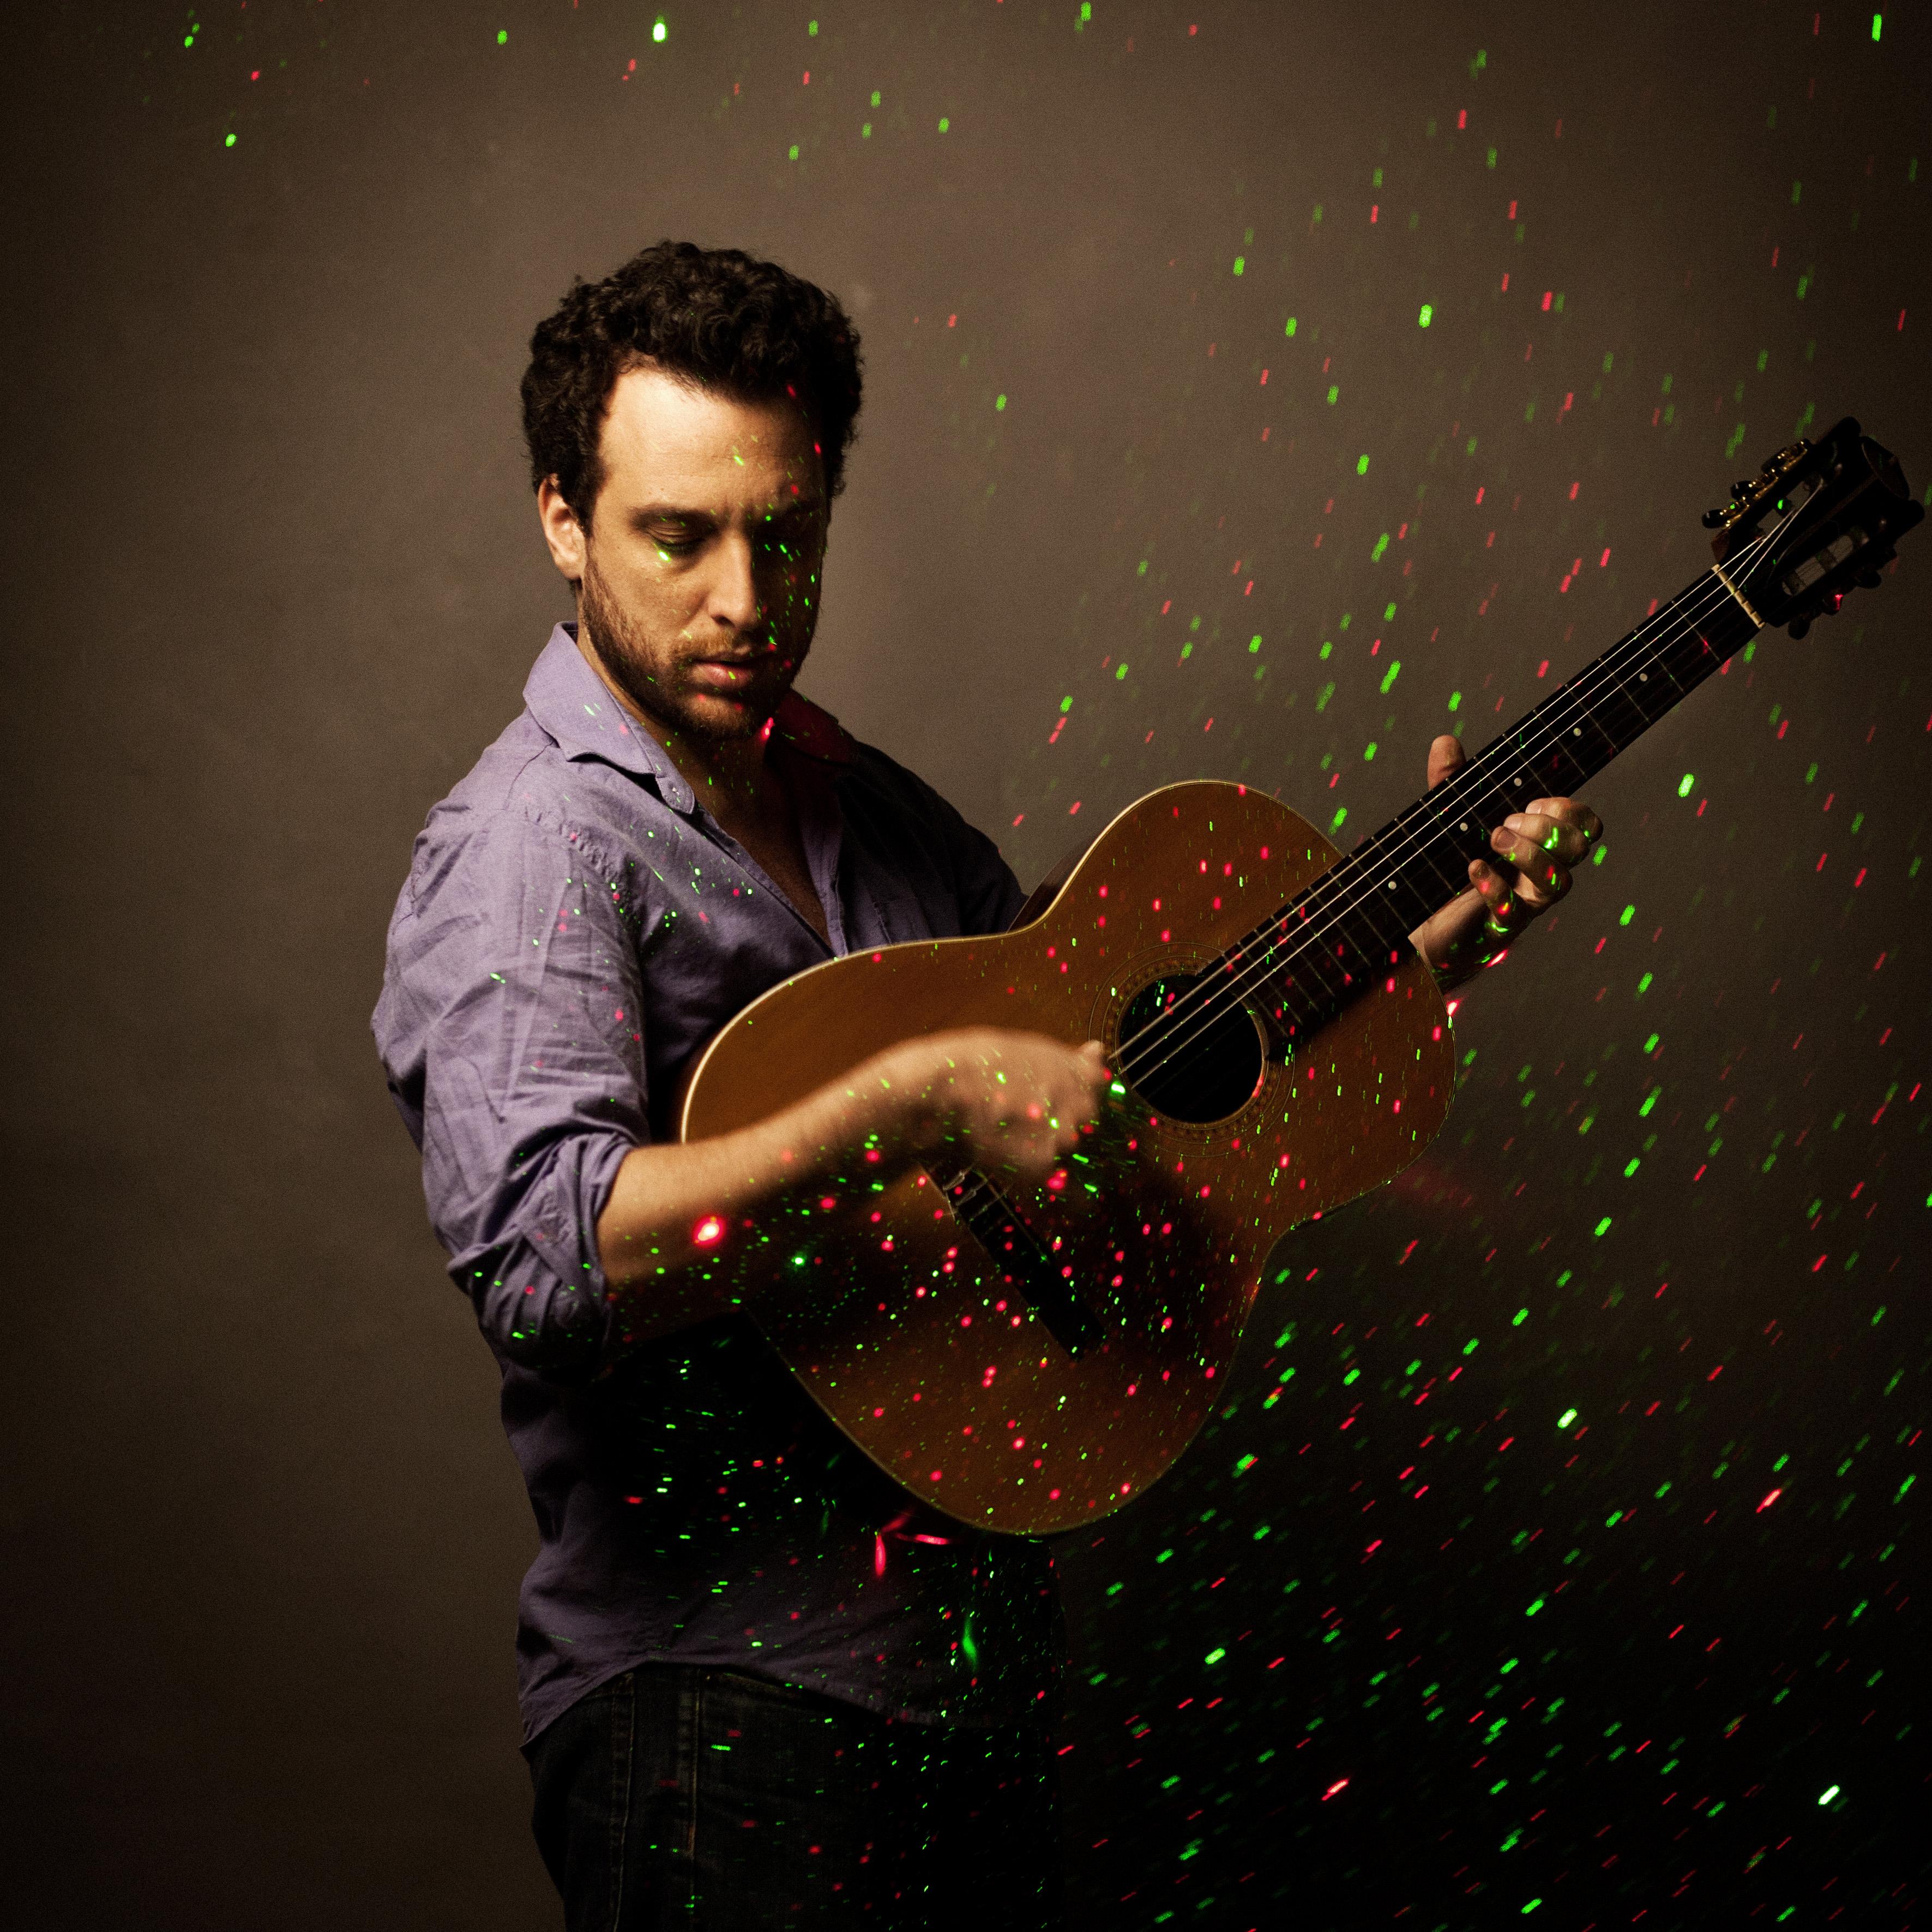 Música: Lucas Vasconcellos fala sobre seu disco solo